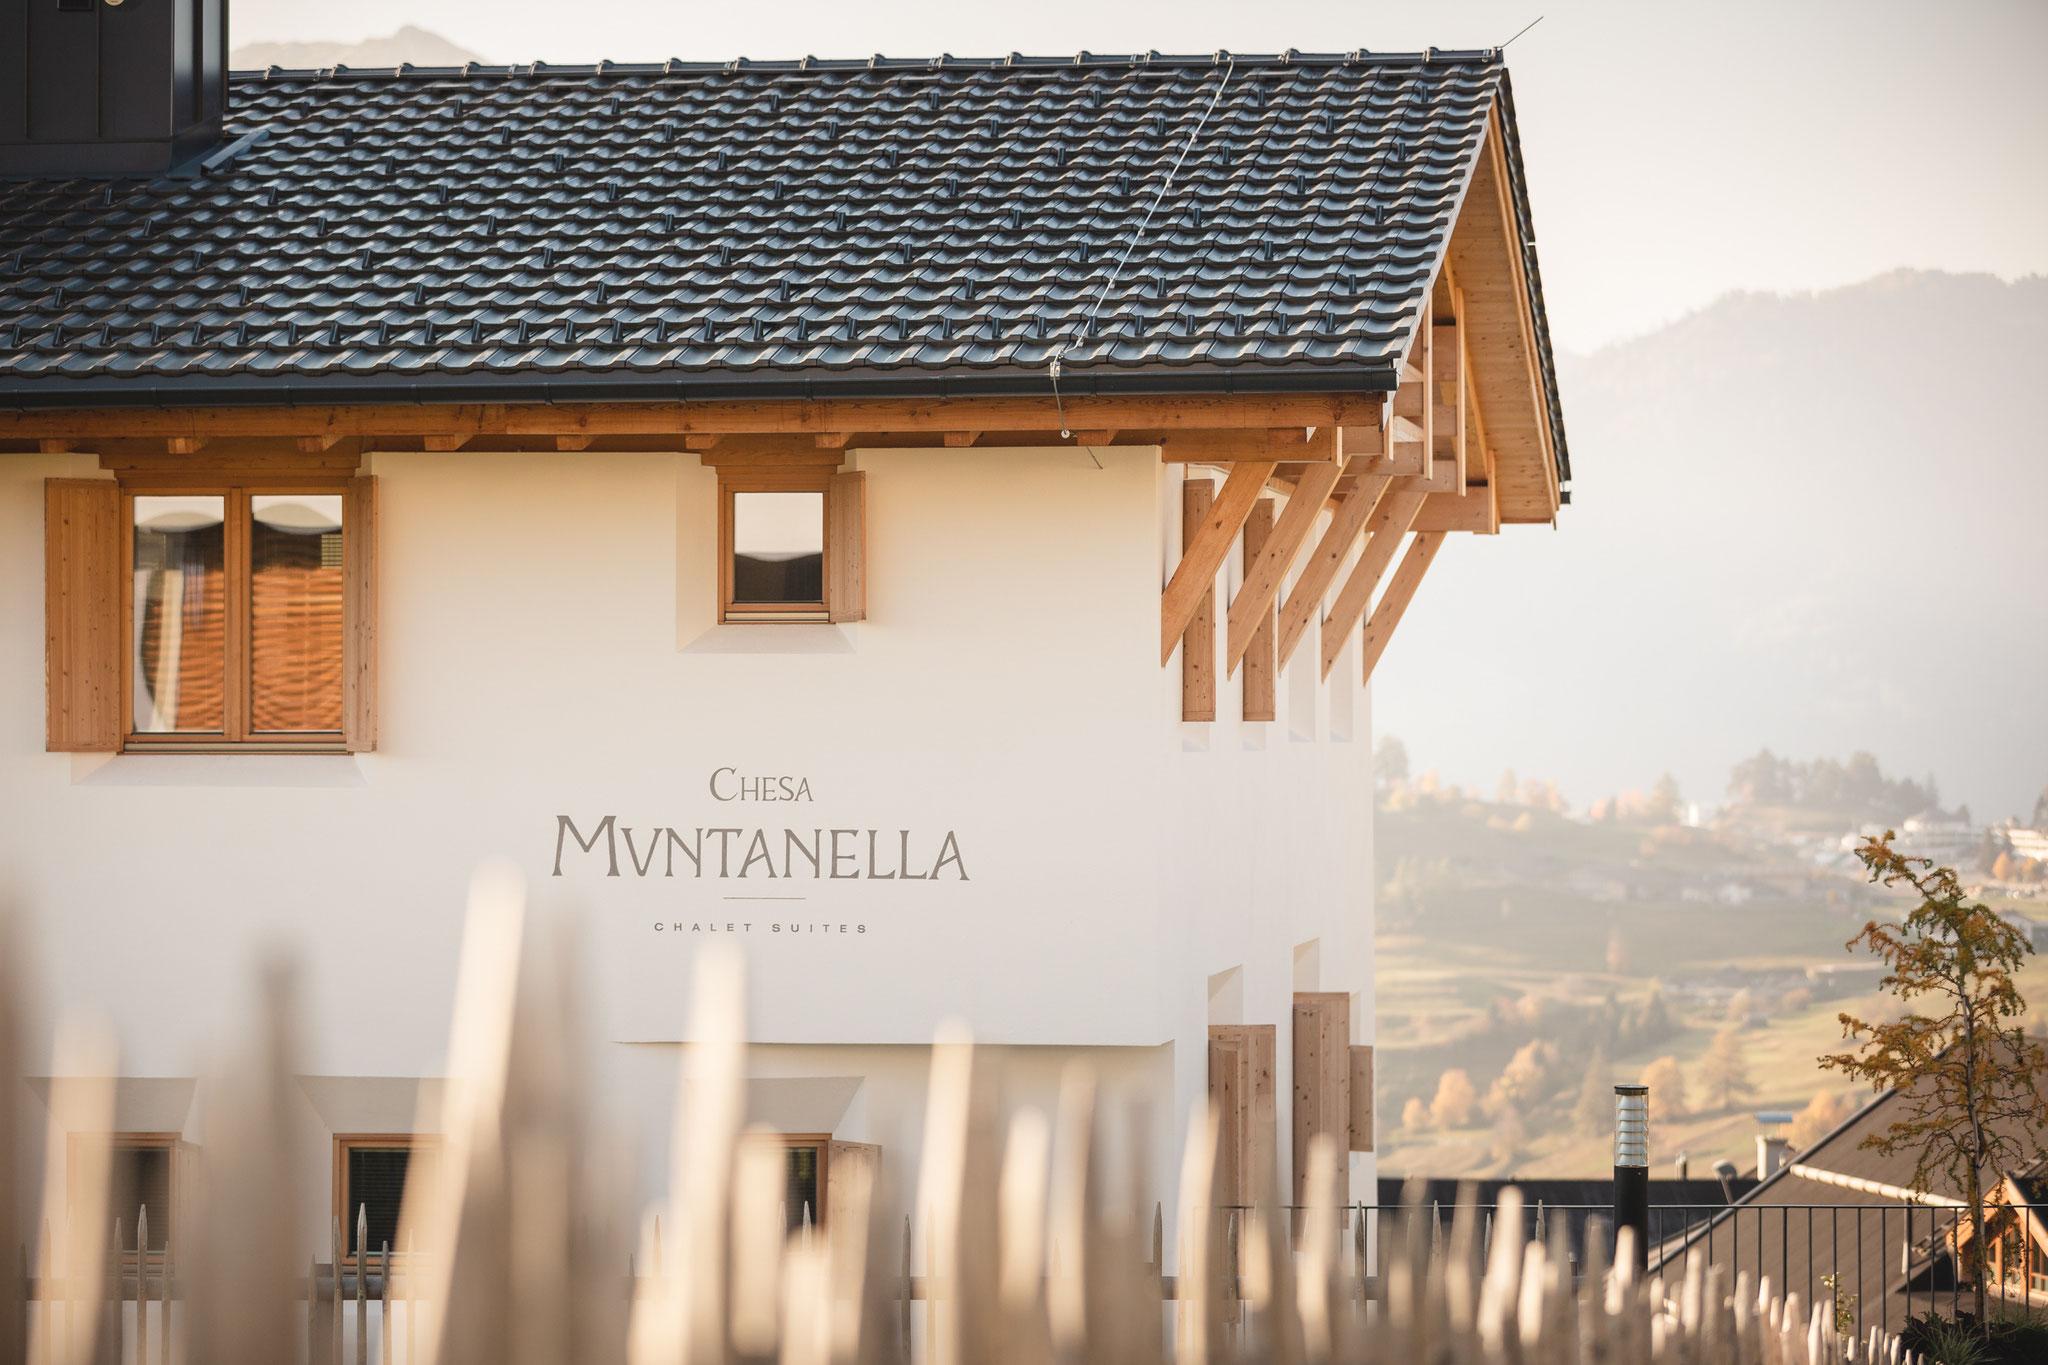 Chalet mit modernen Chalet Suites in Fiss - Chesa Muntanella